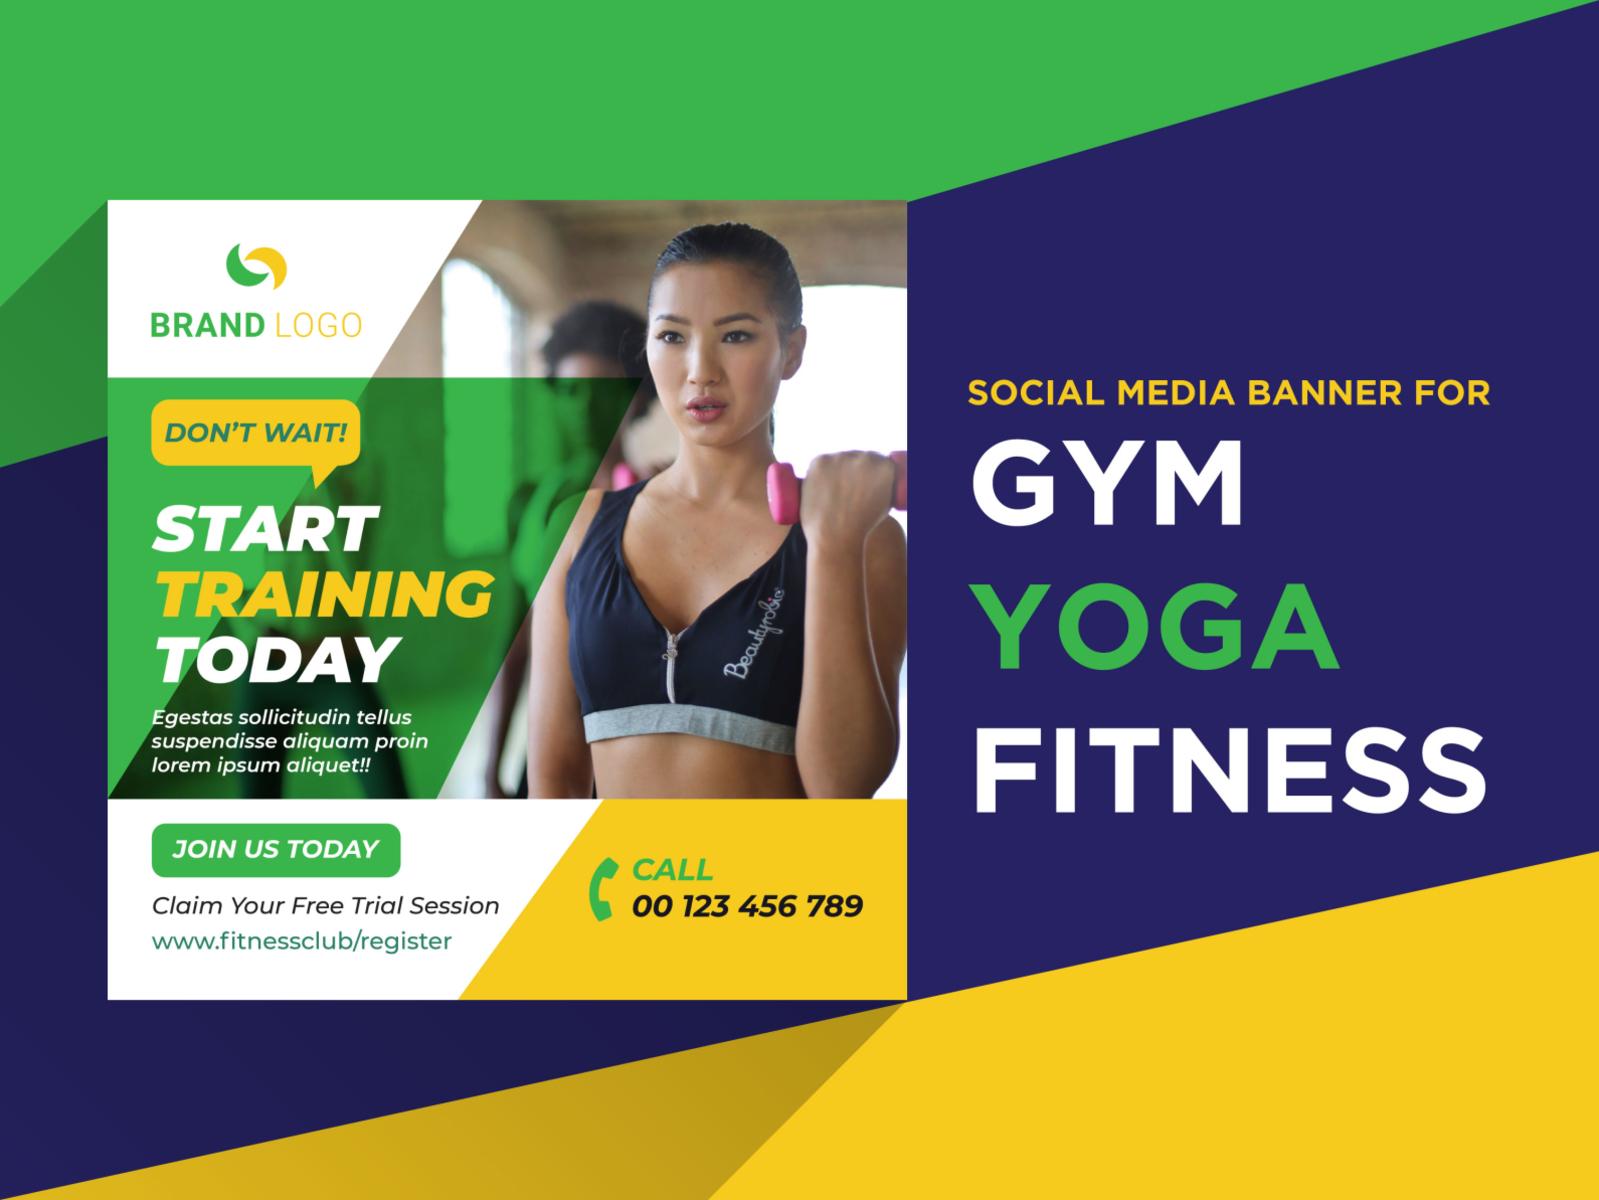 Social Media Banner For Gym Yoga Fitness By Md Rakib Hosen On Dribbble